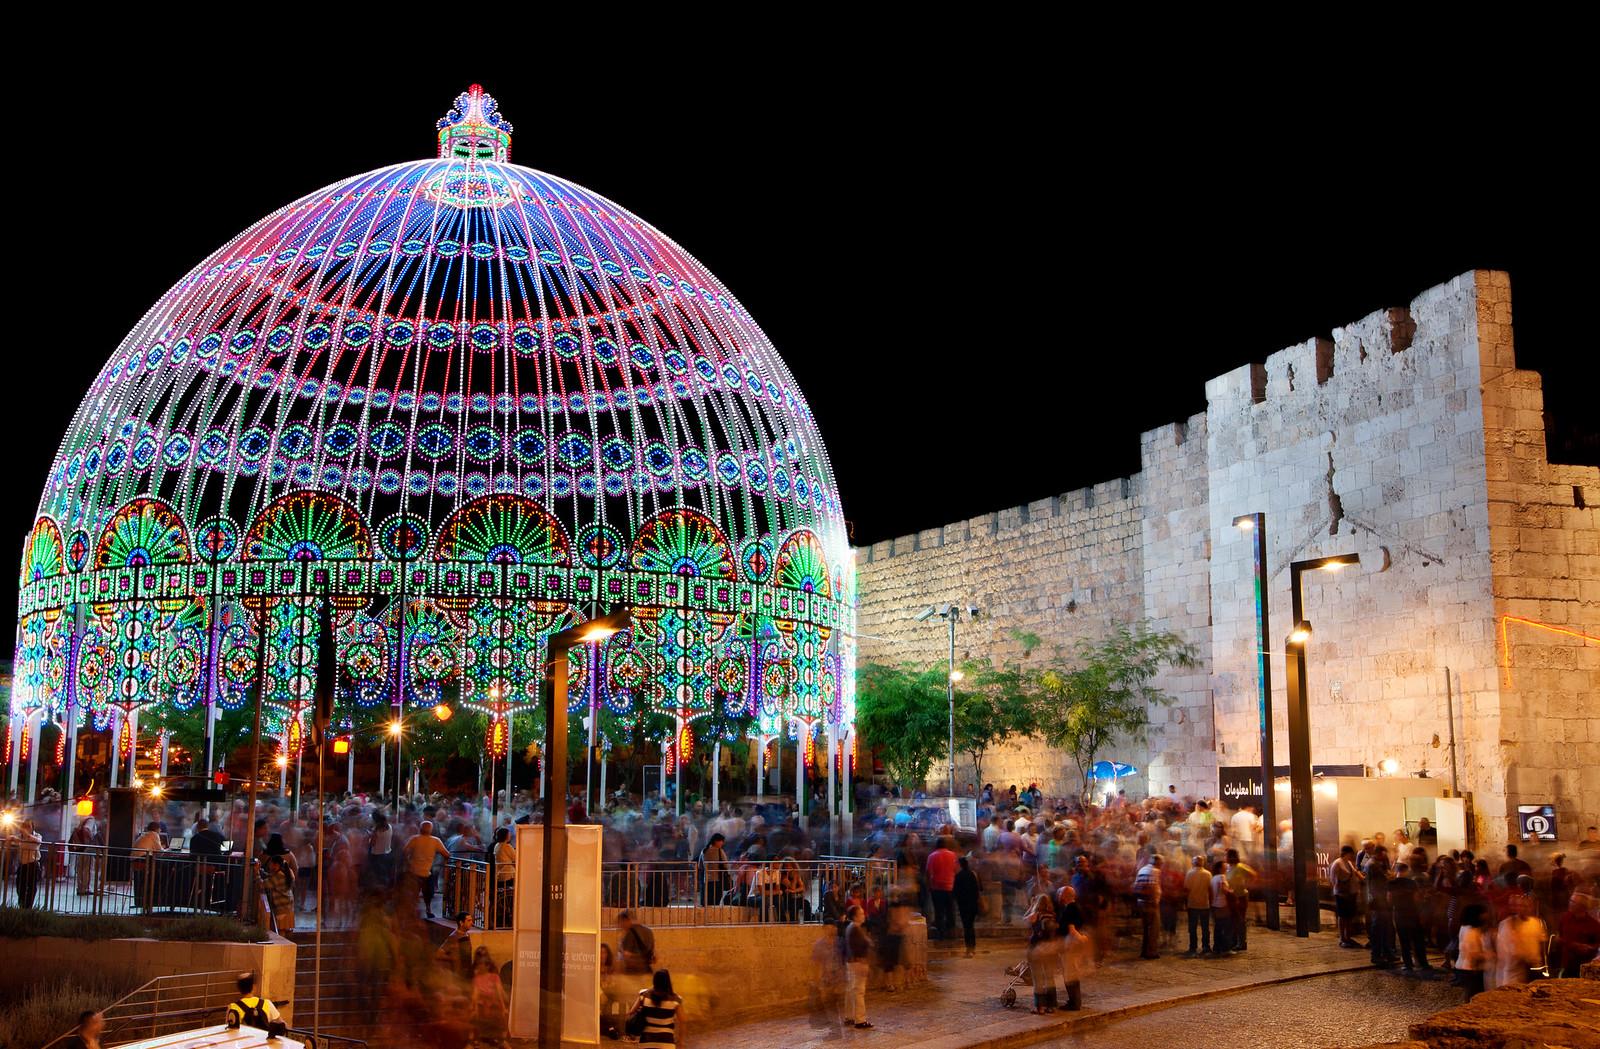 Jerusalem_Festival of Light_Old City_2_Noam Chen_IMOT